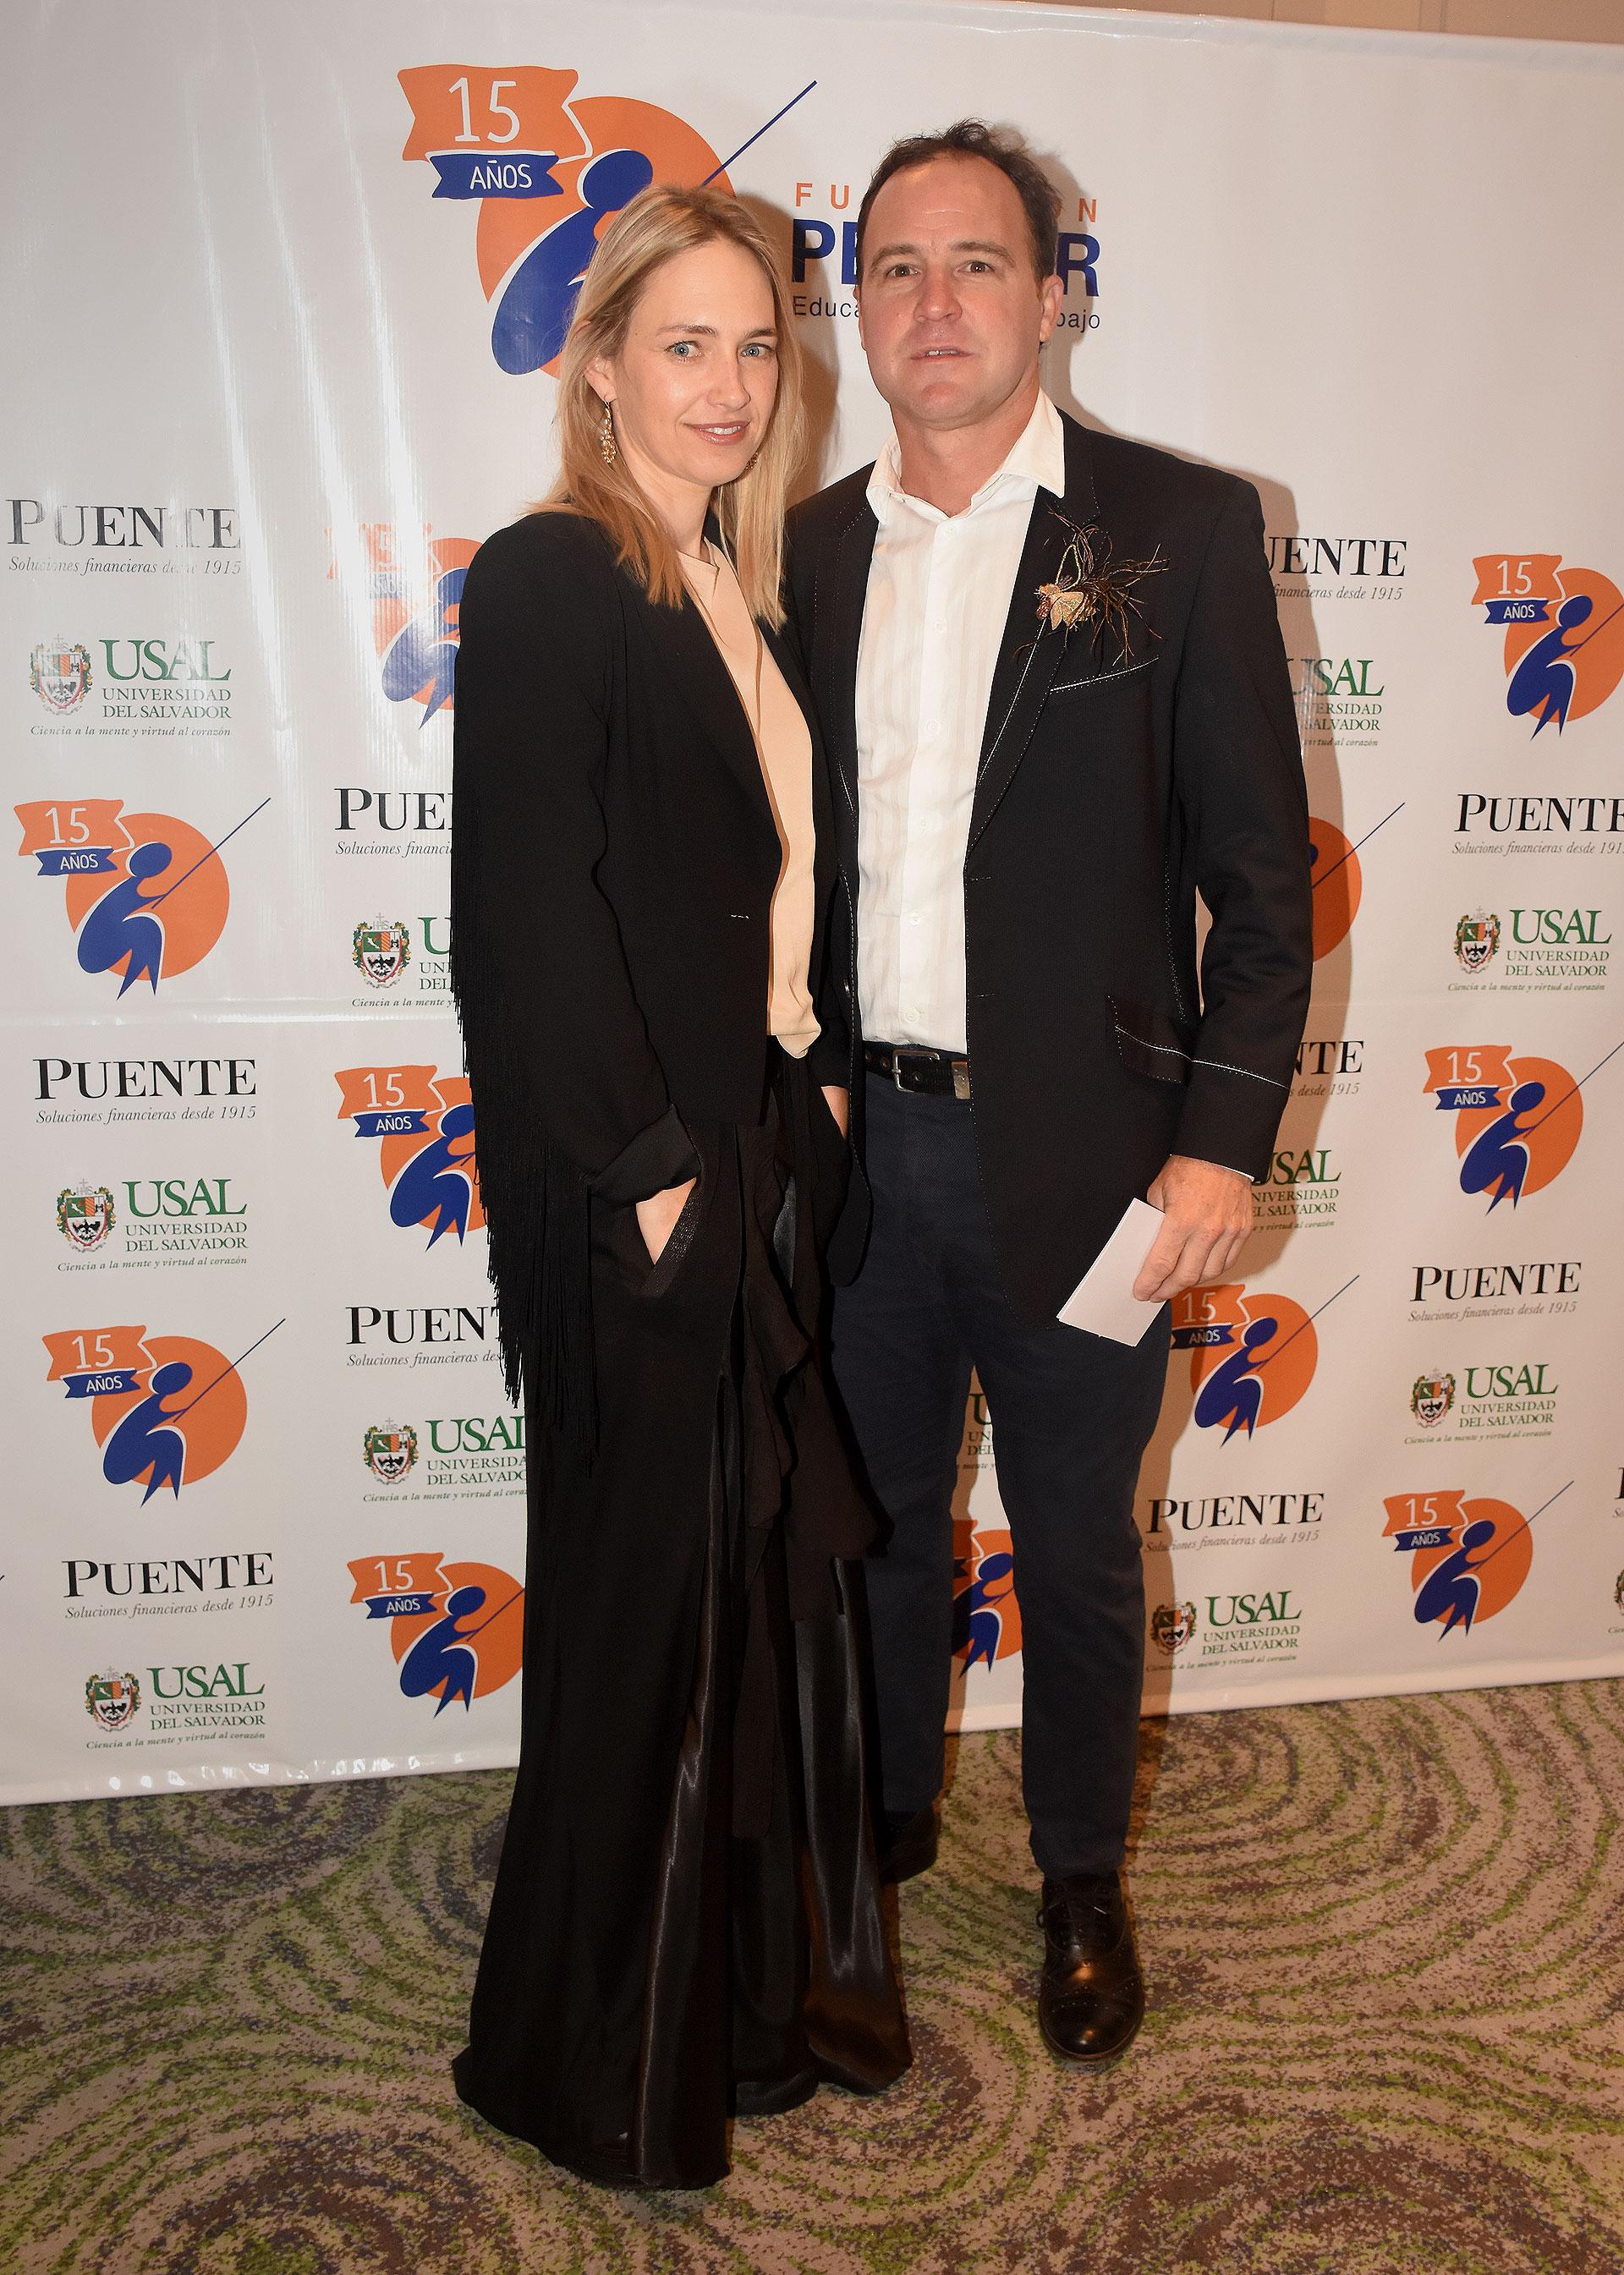 El polista Ignacio Heguy y su mujer Natasha Elliot